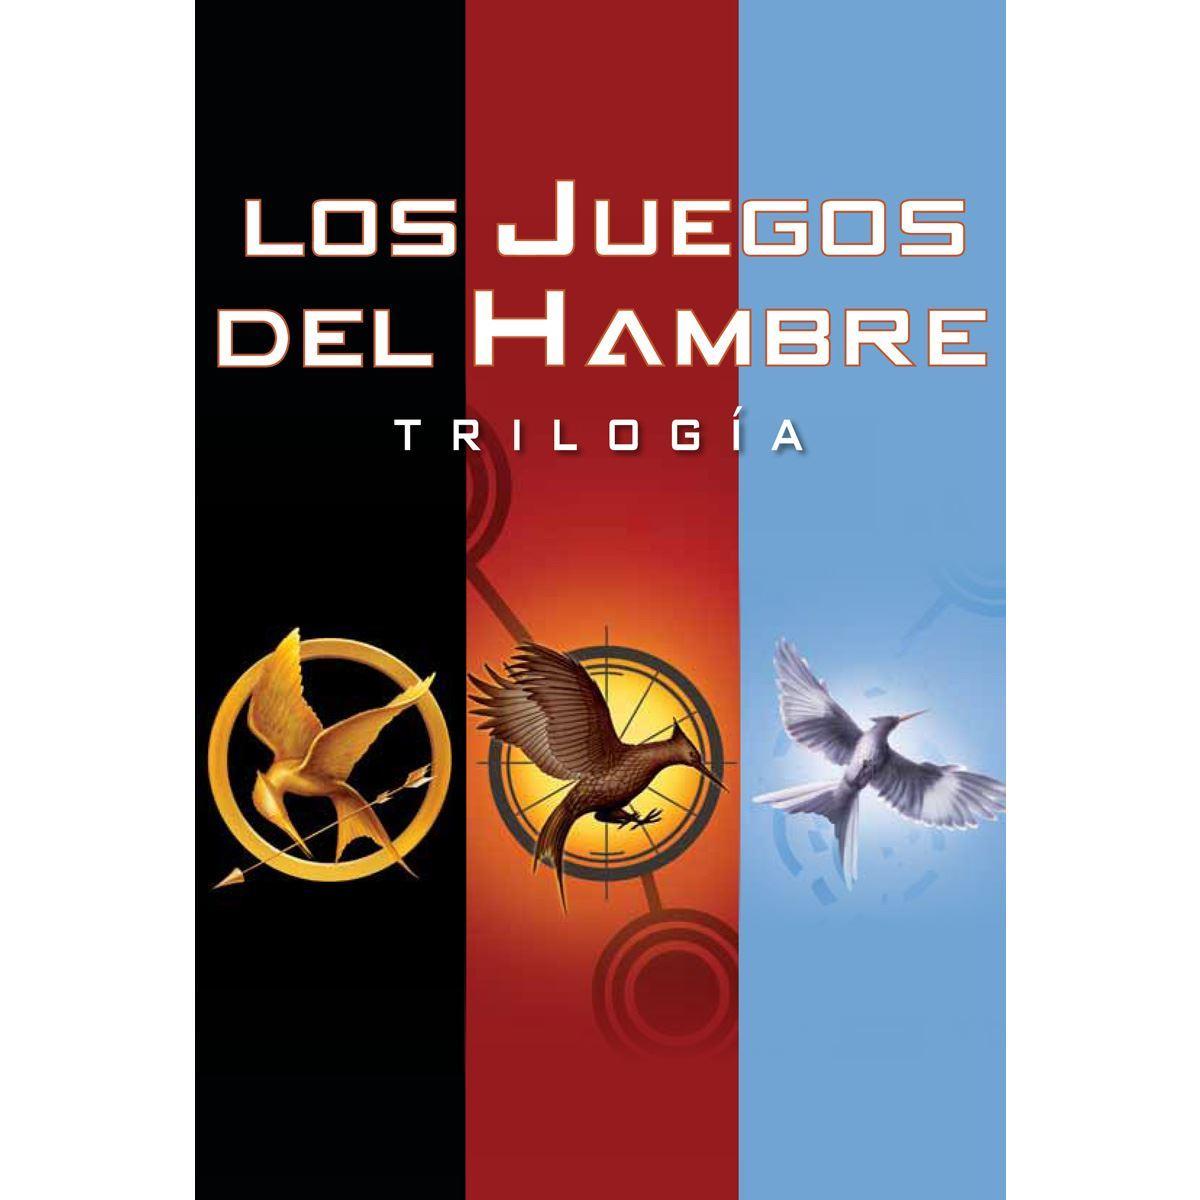 Trilogía los juegos del hambre (paquete de 3 títulos) Libro - Sanborns